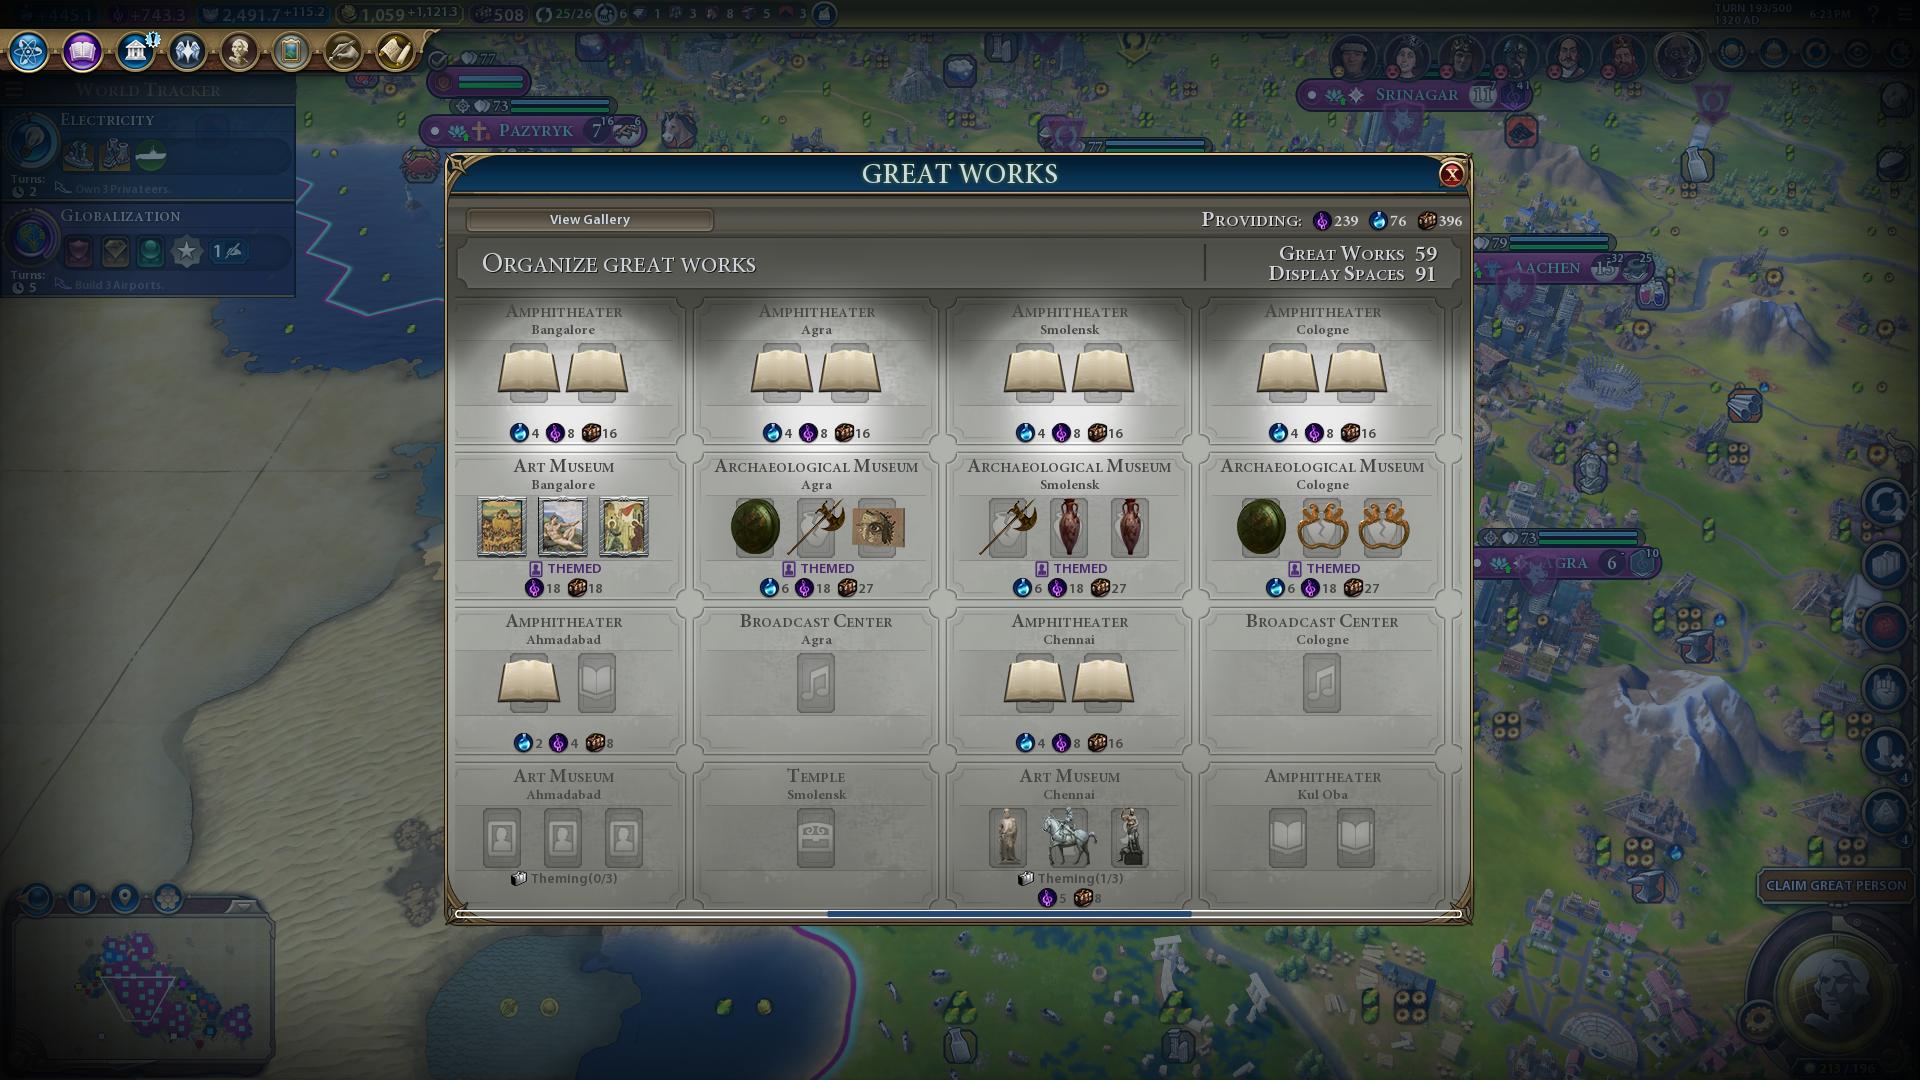 Sid Meier's Civilization VI (DX11) 10_3_2018 6_23_35 PM.png